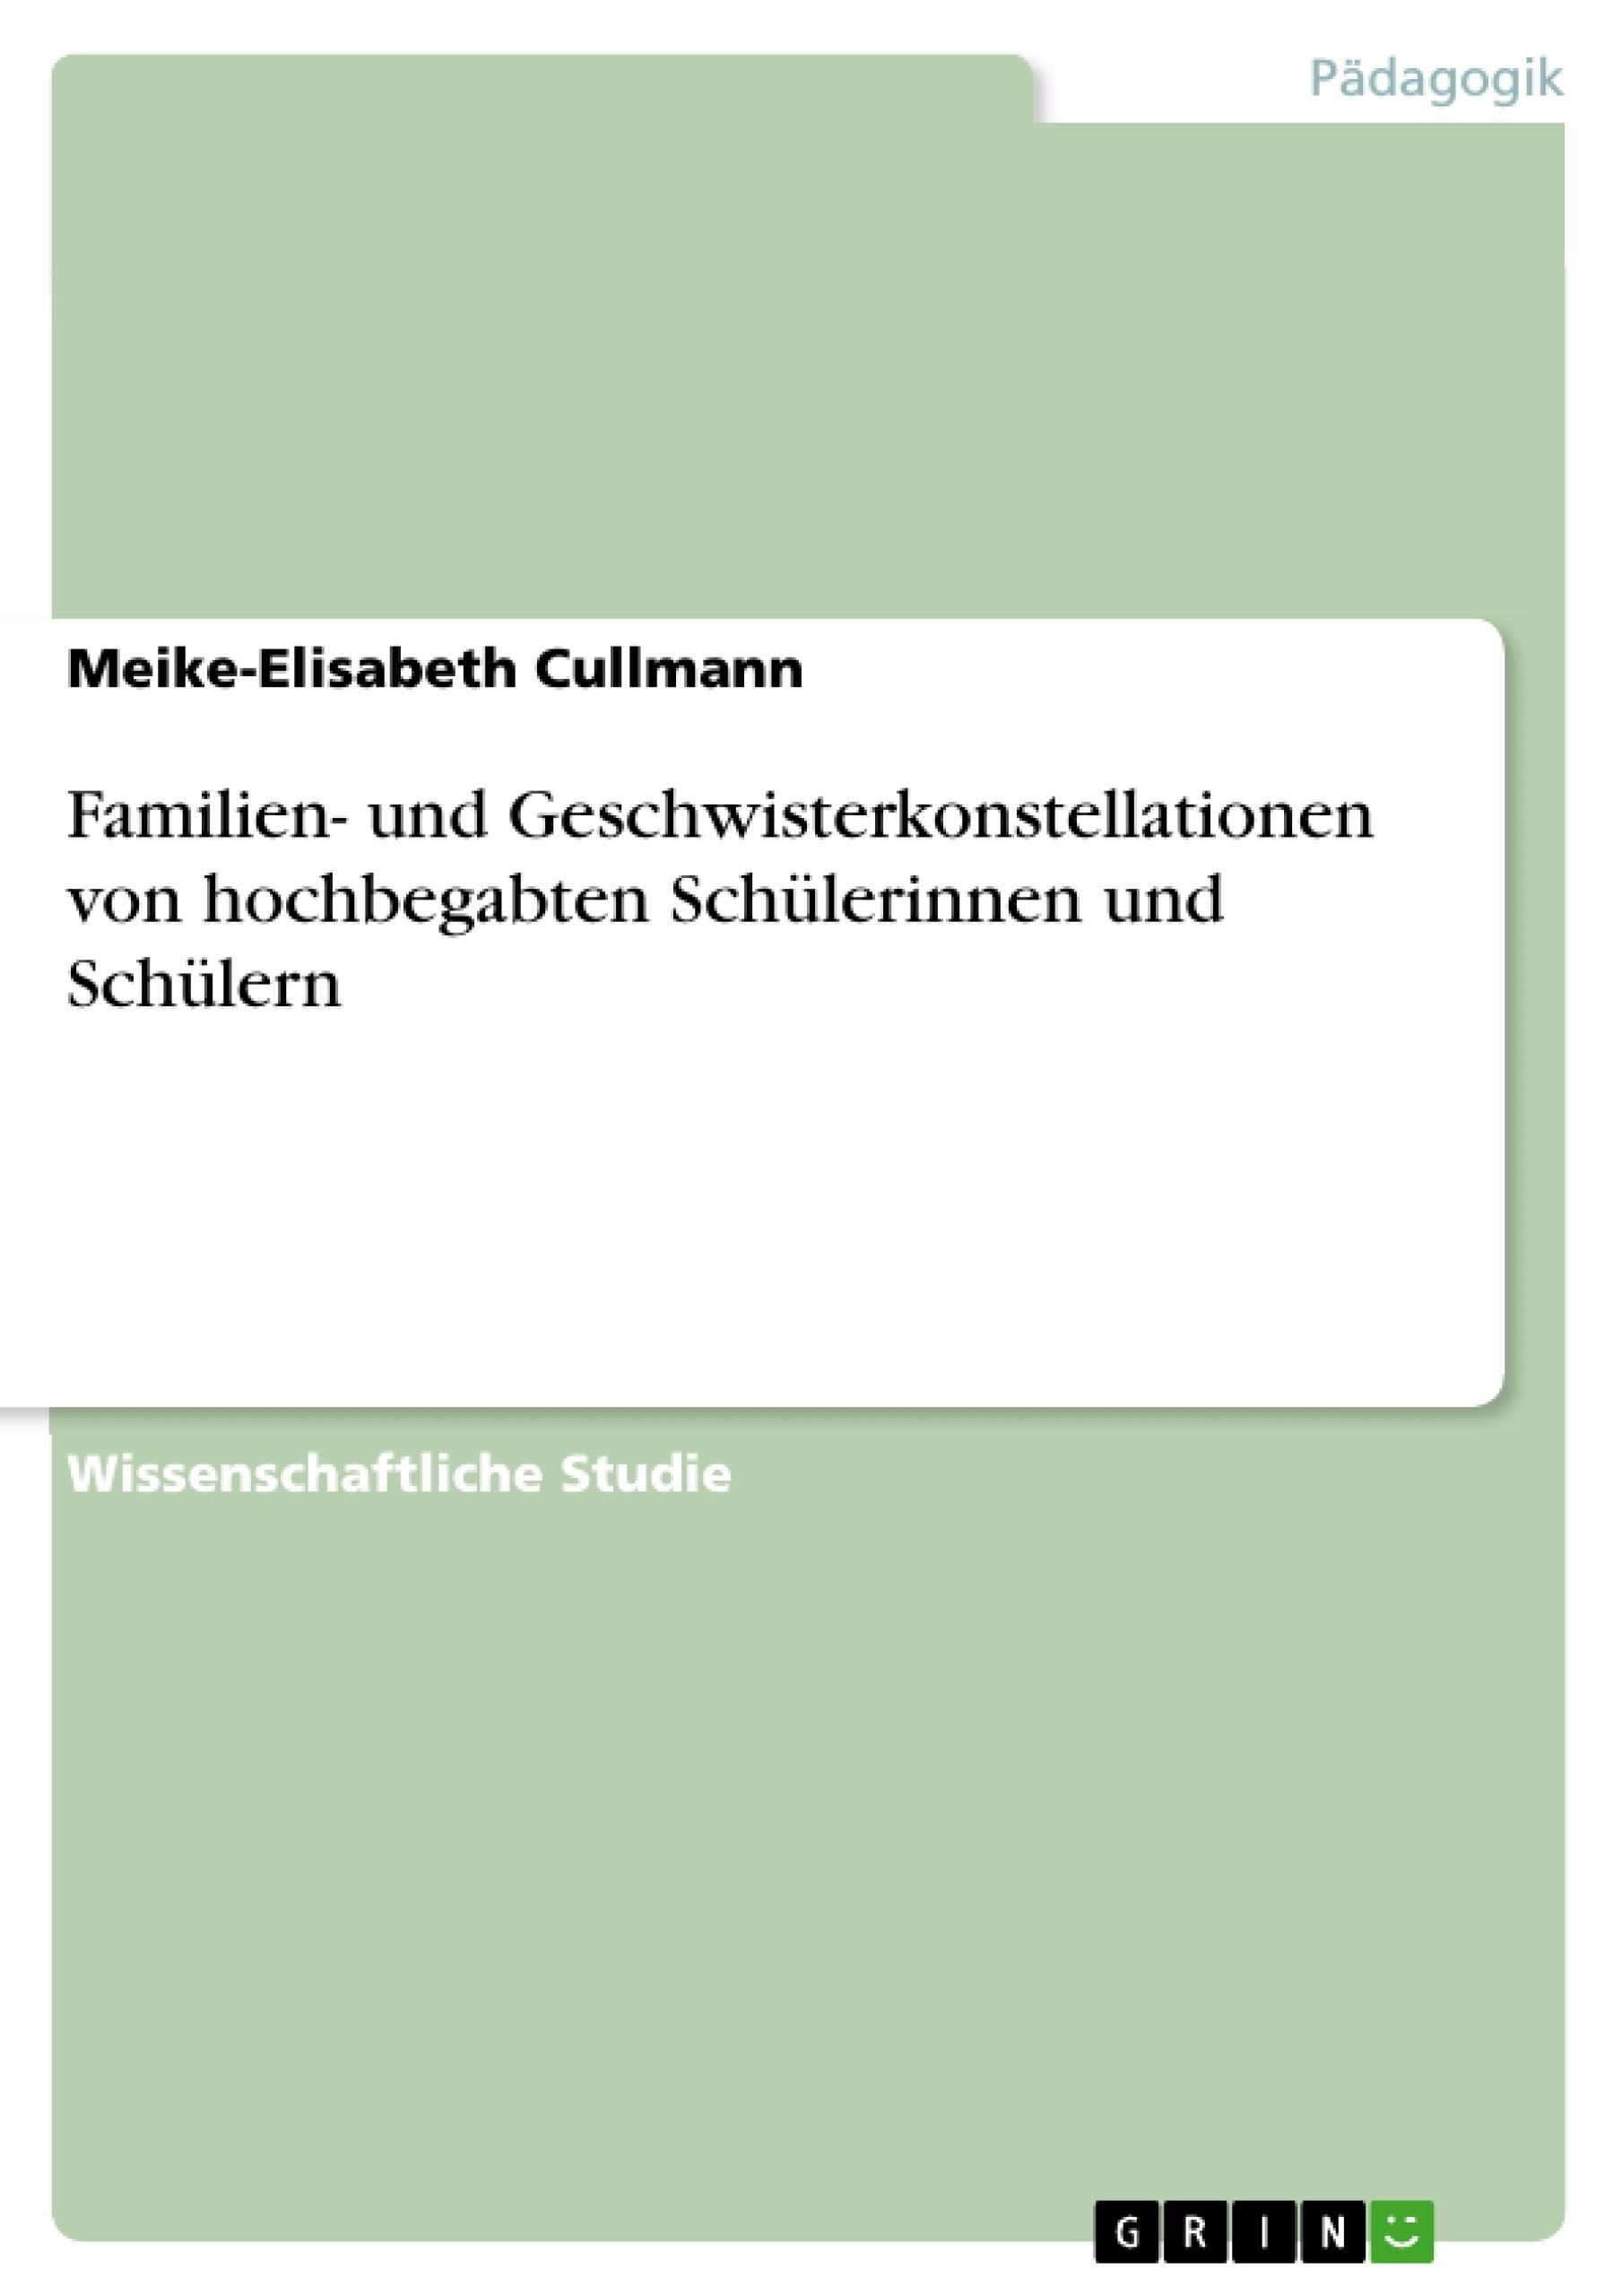 Titel: Familien- und Geschwisterkonstellationen von hochbegabten Schülerinnen und Schülern